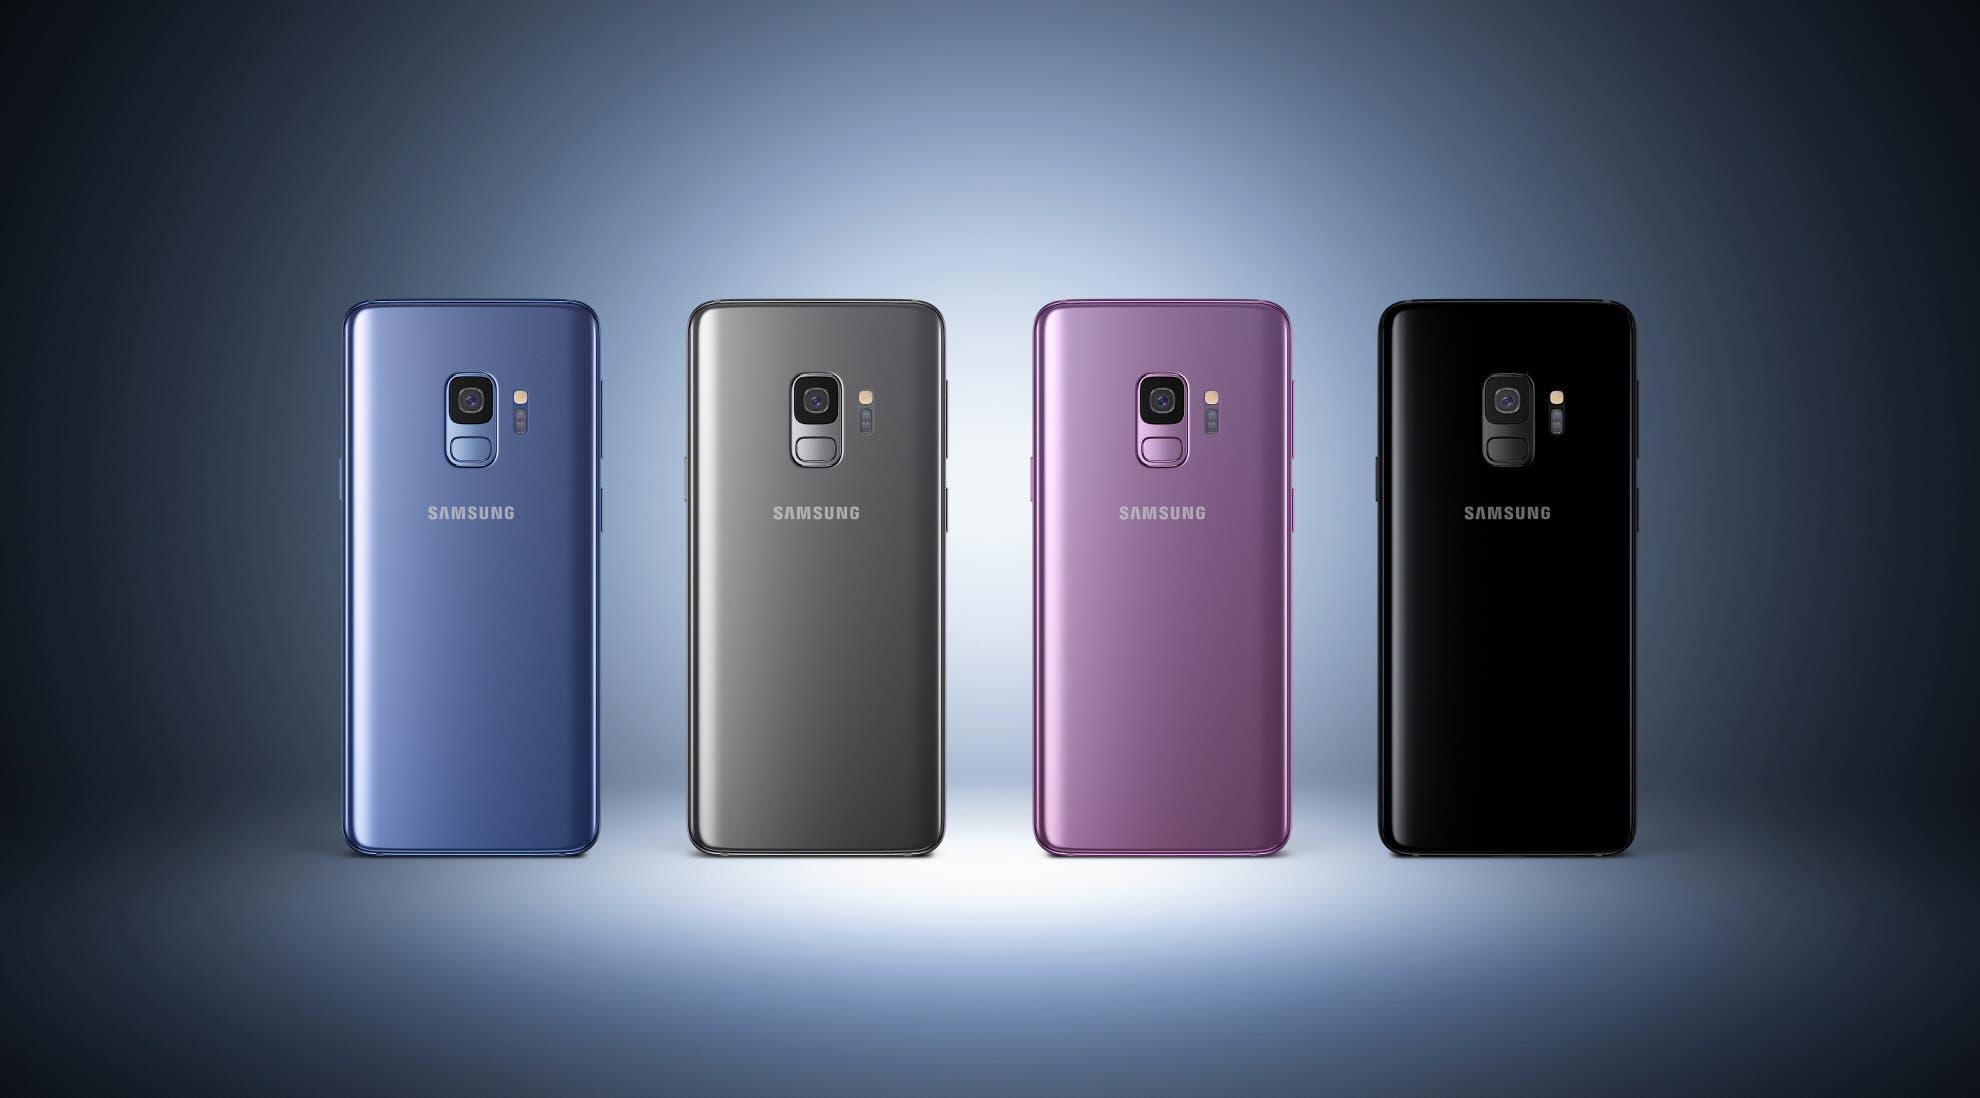 diferencias entre las distintas versiones de samsung galaxy s9 plus